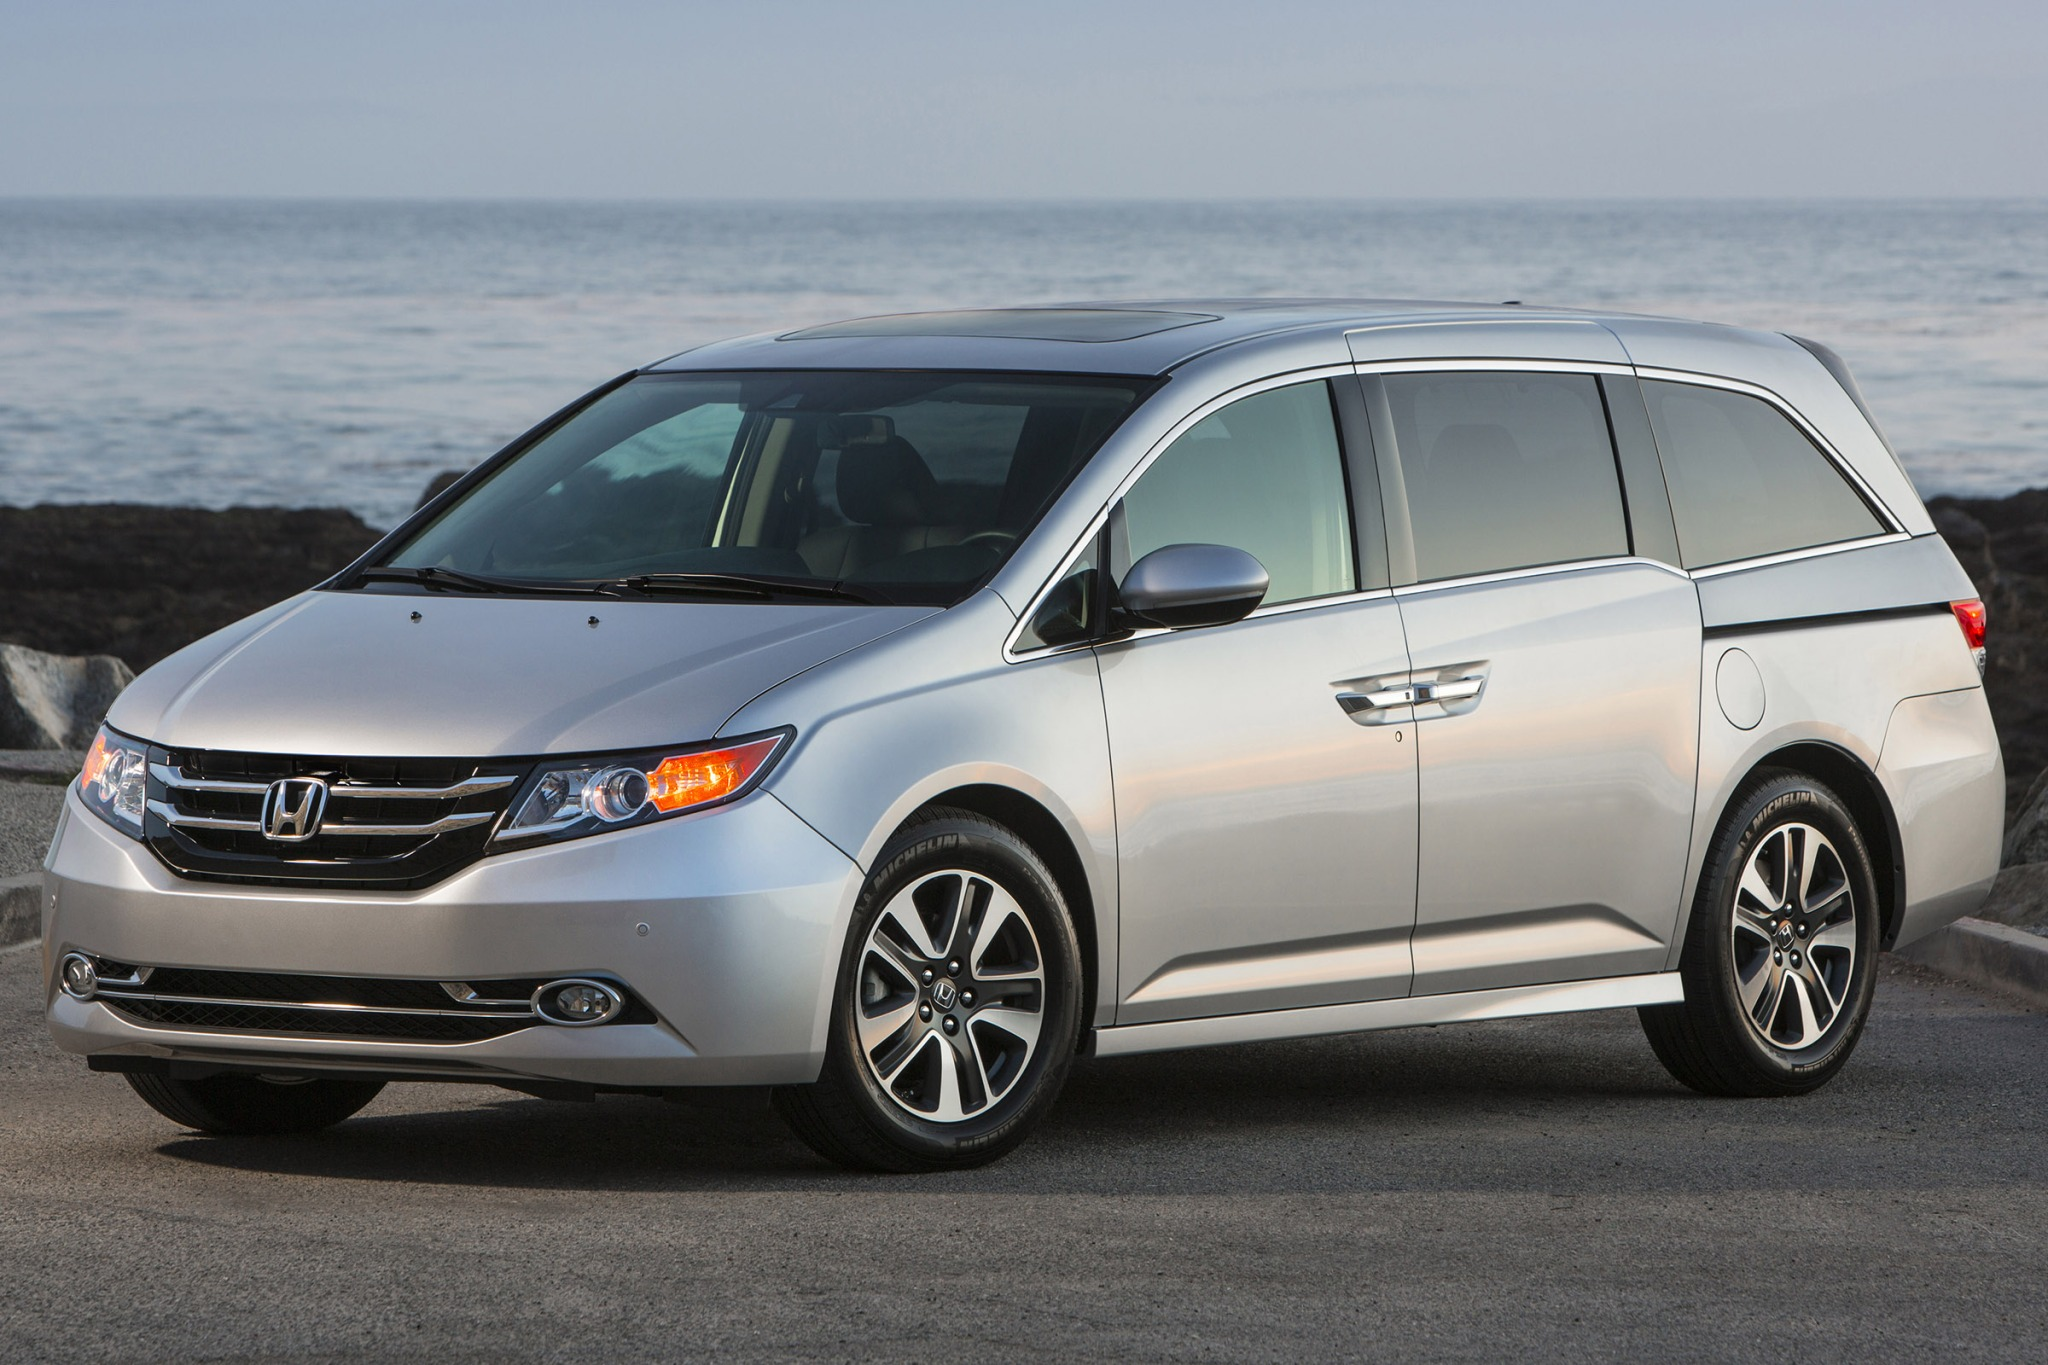 2015 honda odyssey passenger minivan touring elite fq oem 1 2048